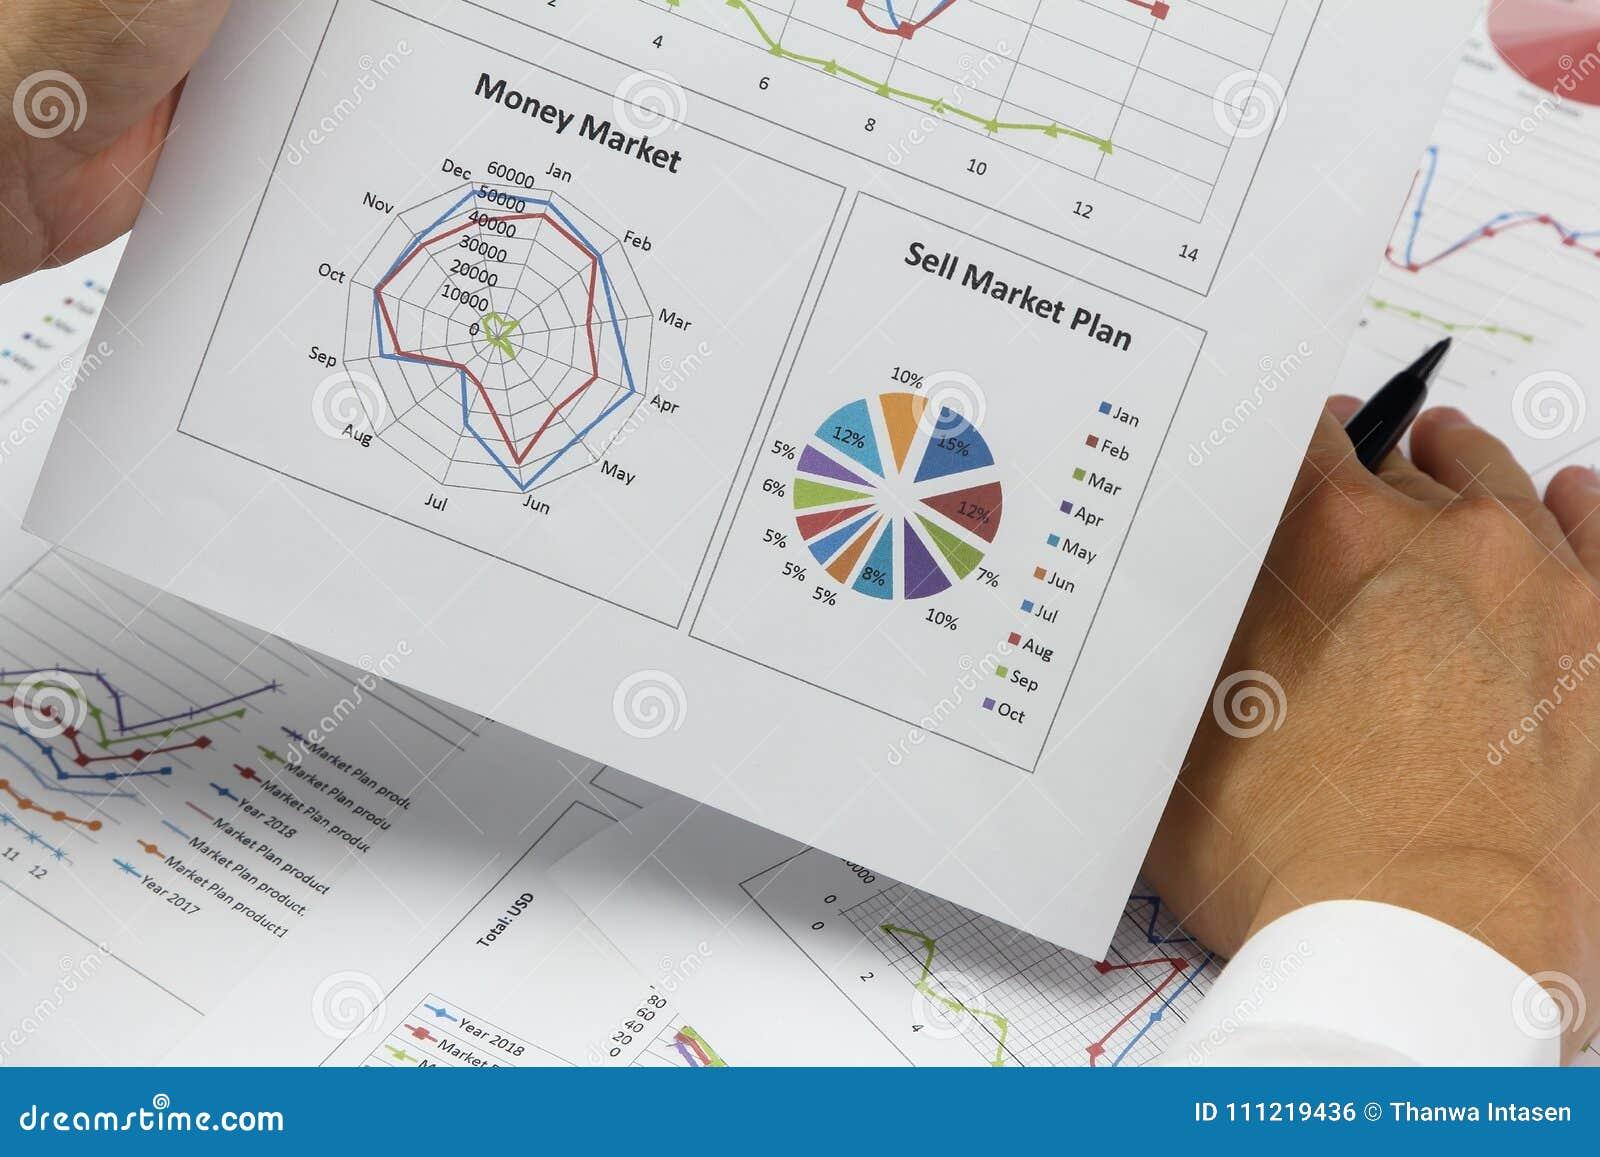 AffärsmanSummary rapport och plan för pengarmarknad som analyserar försäljning